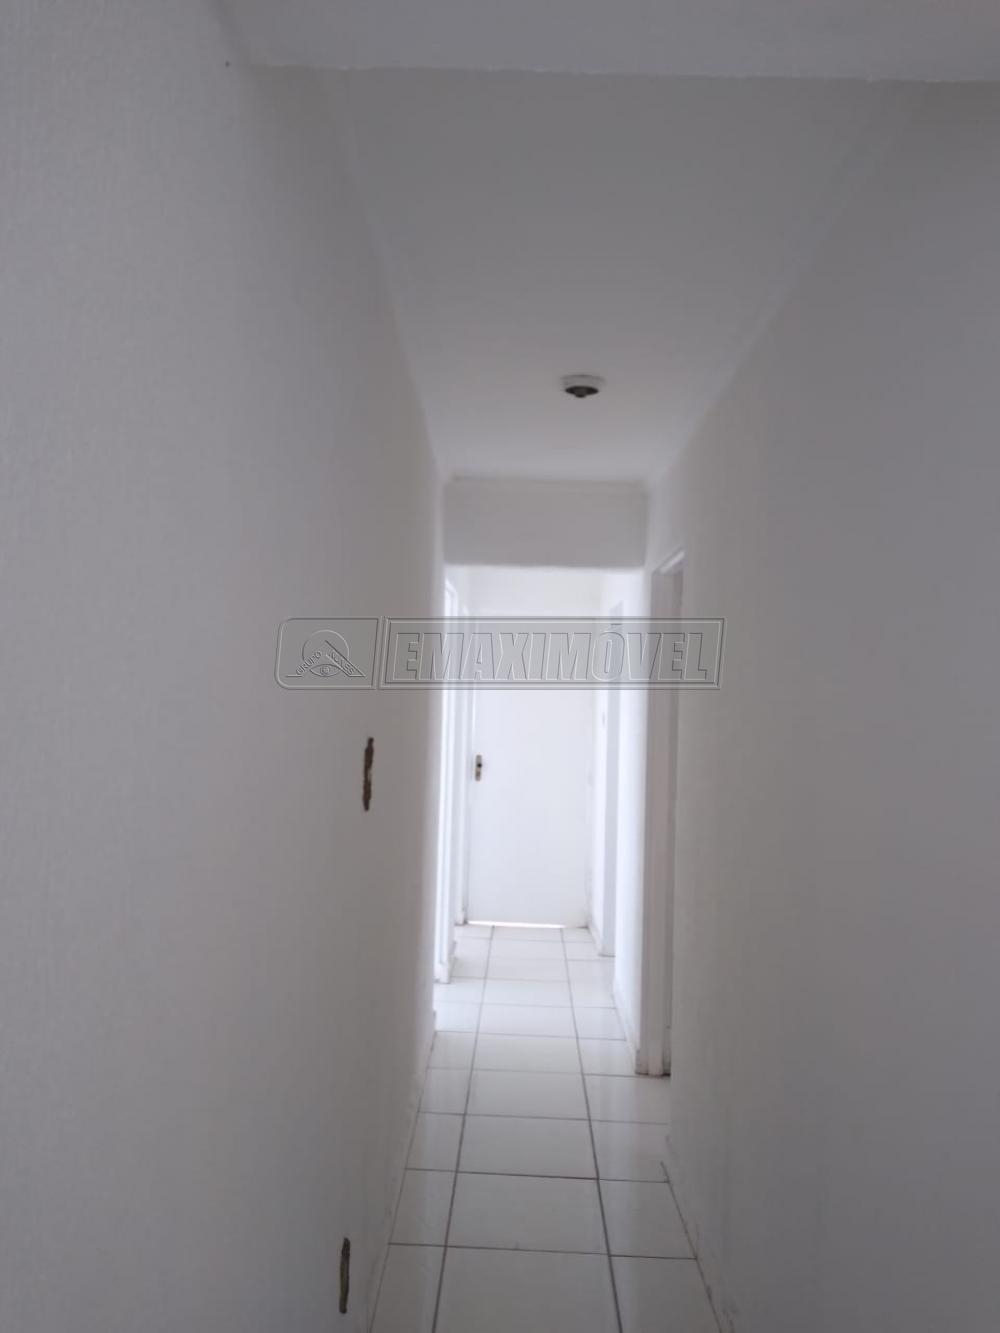 Alugar Casas / Comerciais em Sorocaba apenas R$ 1.400,00 - Foto 12